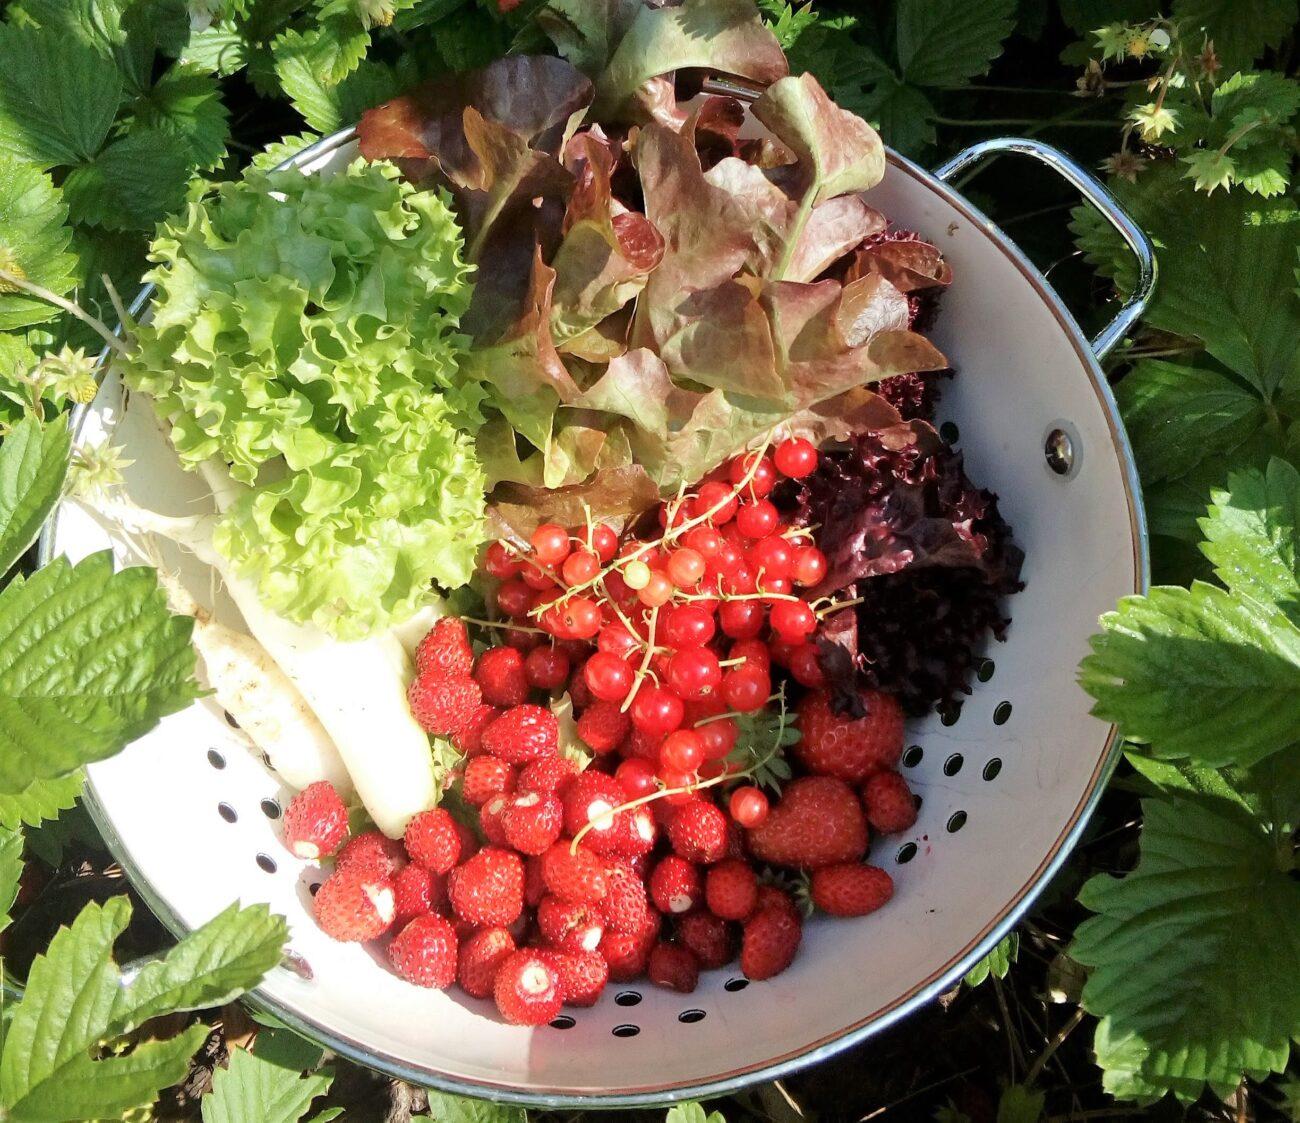 Dit is het lekkerste van juni, sla, bosaardbeien, groenten